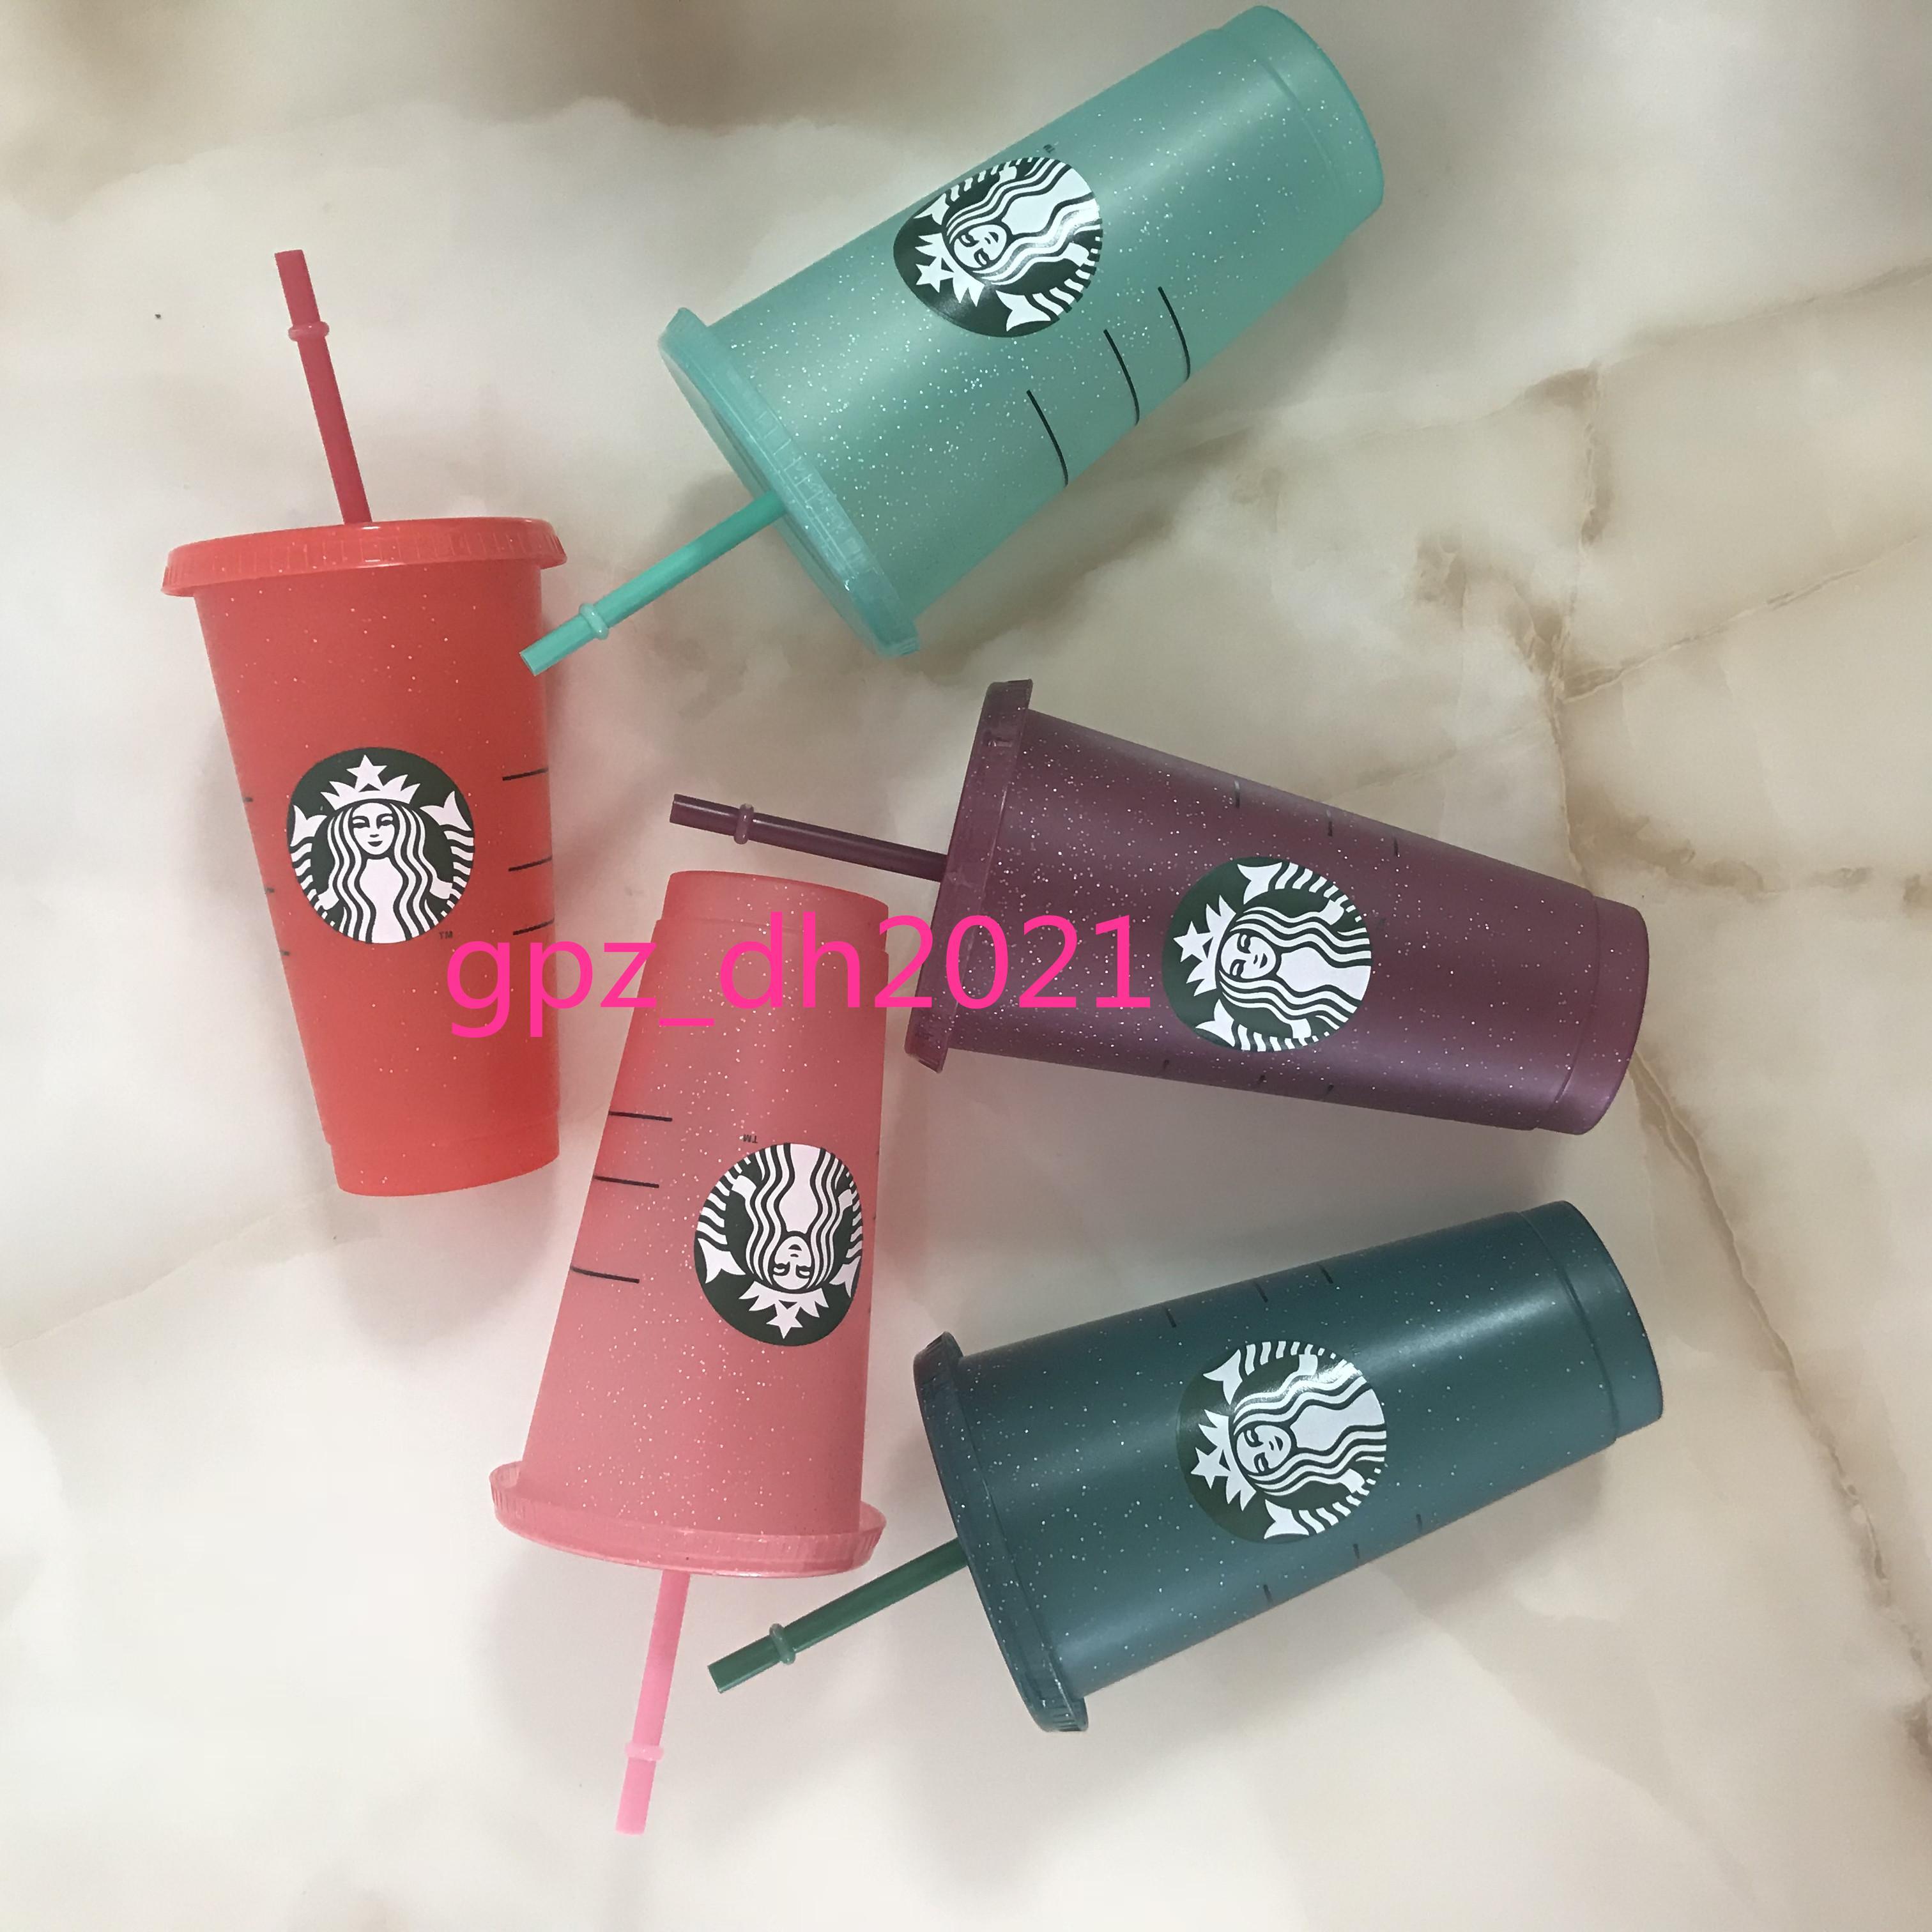 Starbucks Plastikbecher Flash Cup 24 Unzen / 710ml Transparente Farbe wechselnde Kunststoff Getränkesaft mit LiP Stroh Magie Kaffee Custom DHL Olnxb